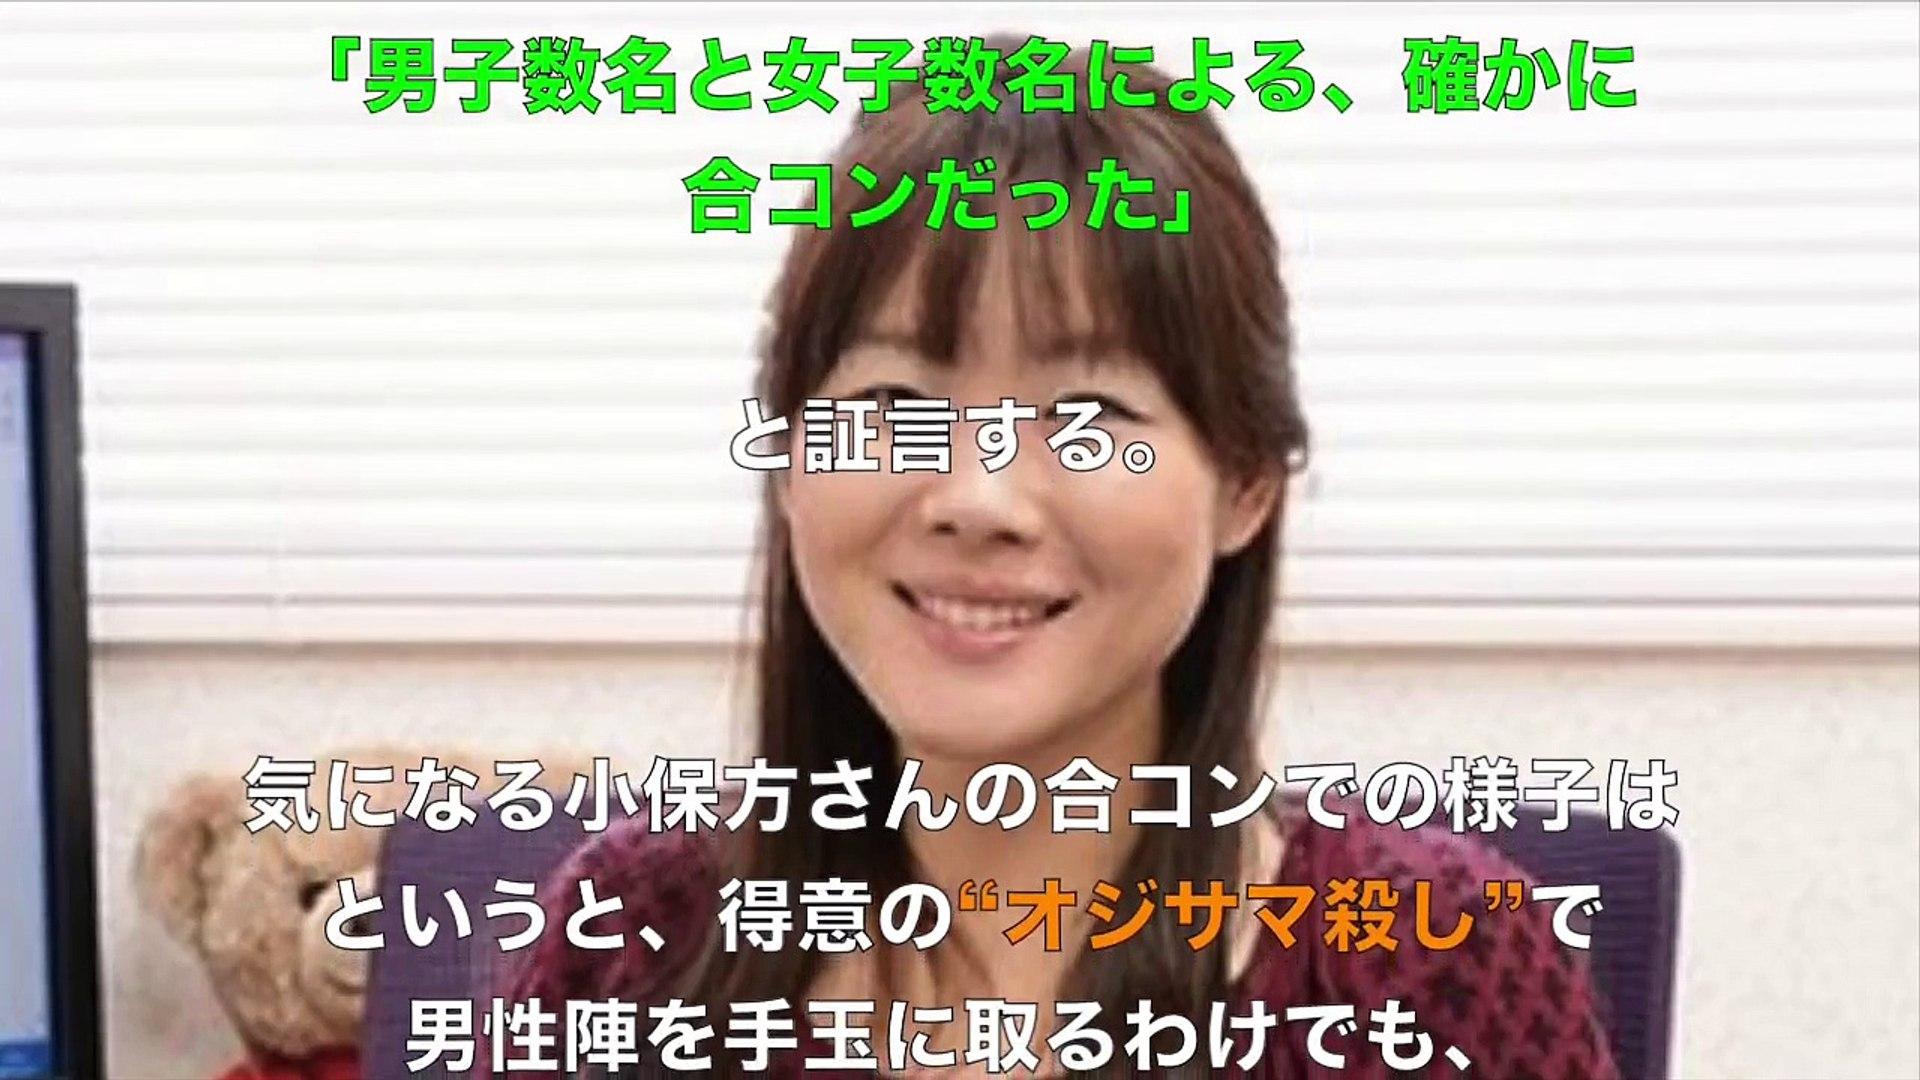 晴子 さん 文春 グラビア 小保方